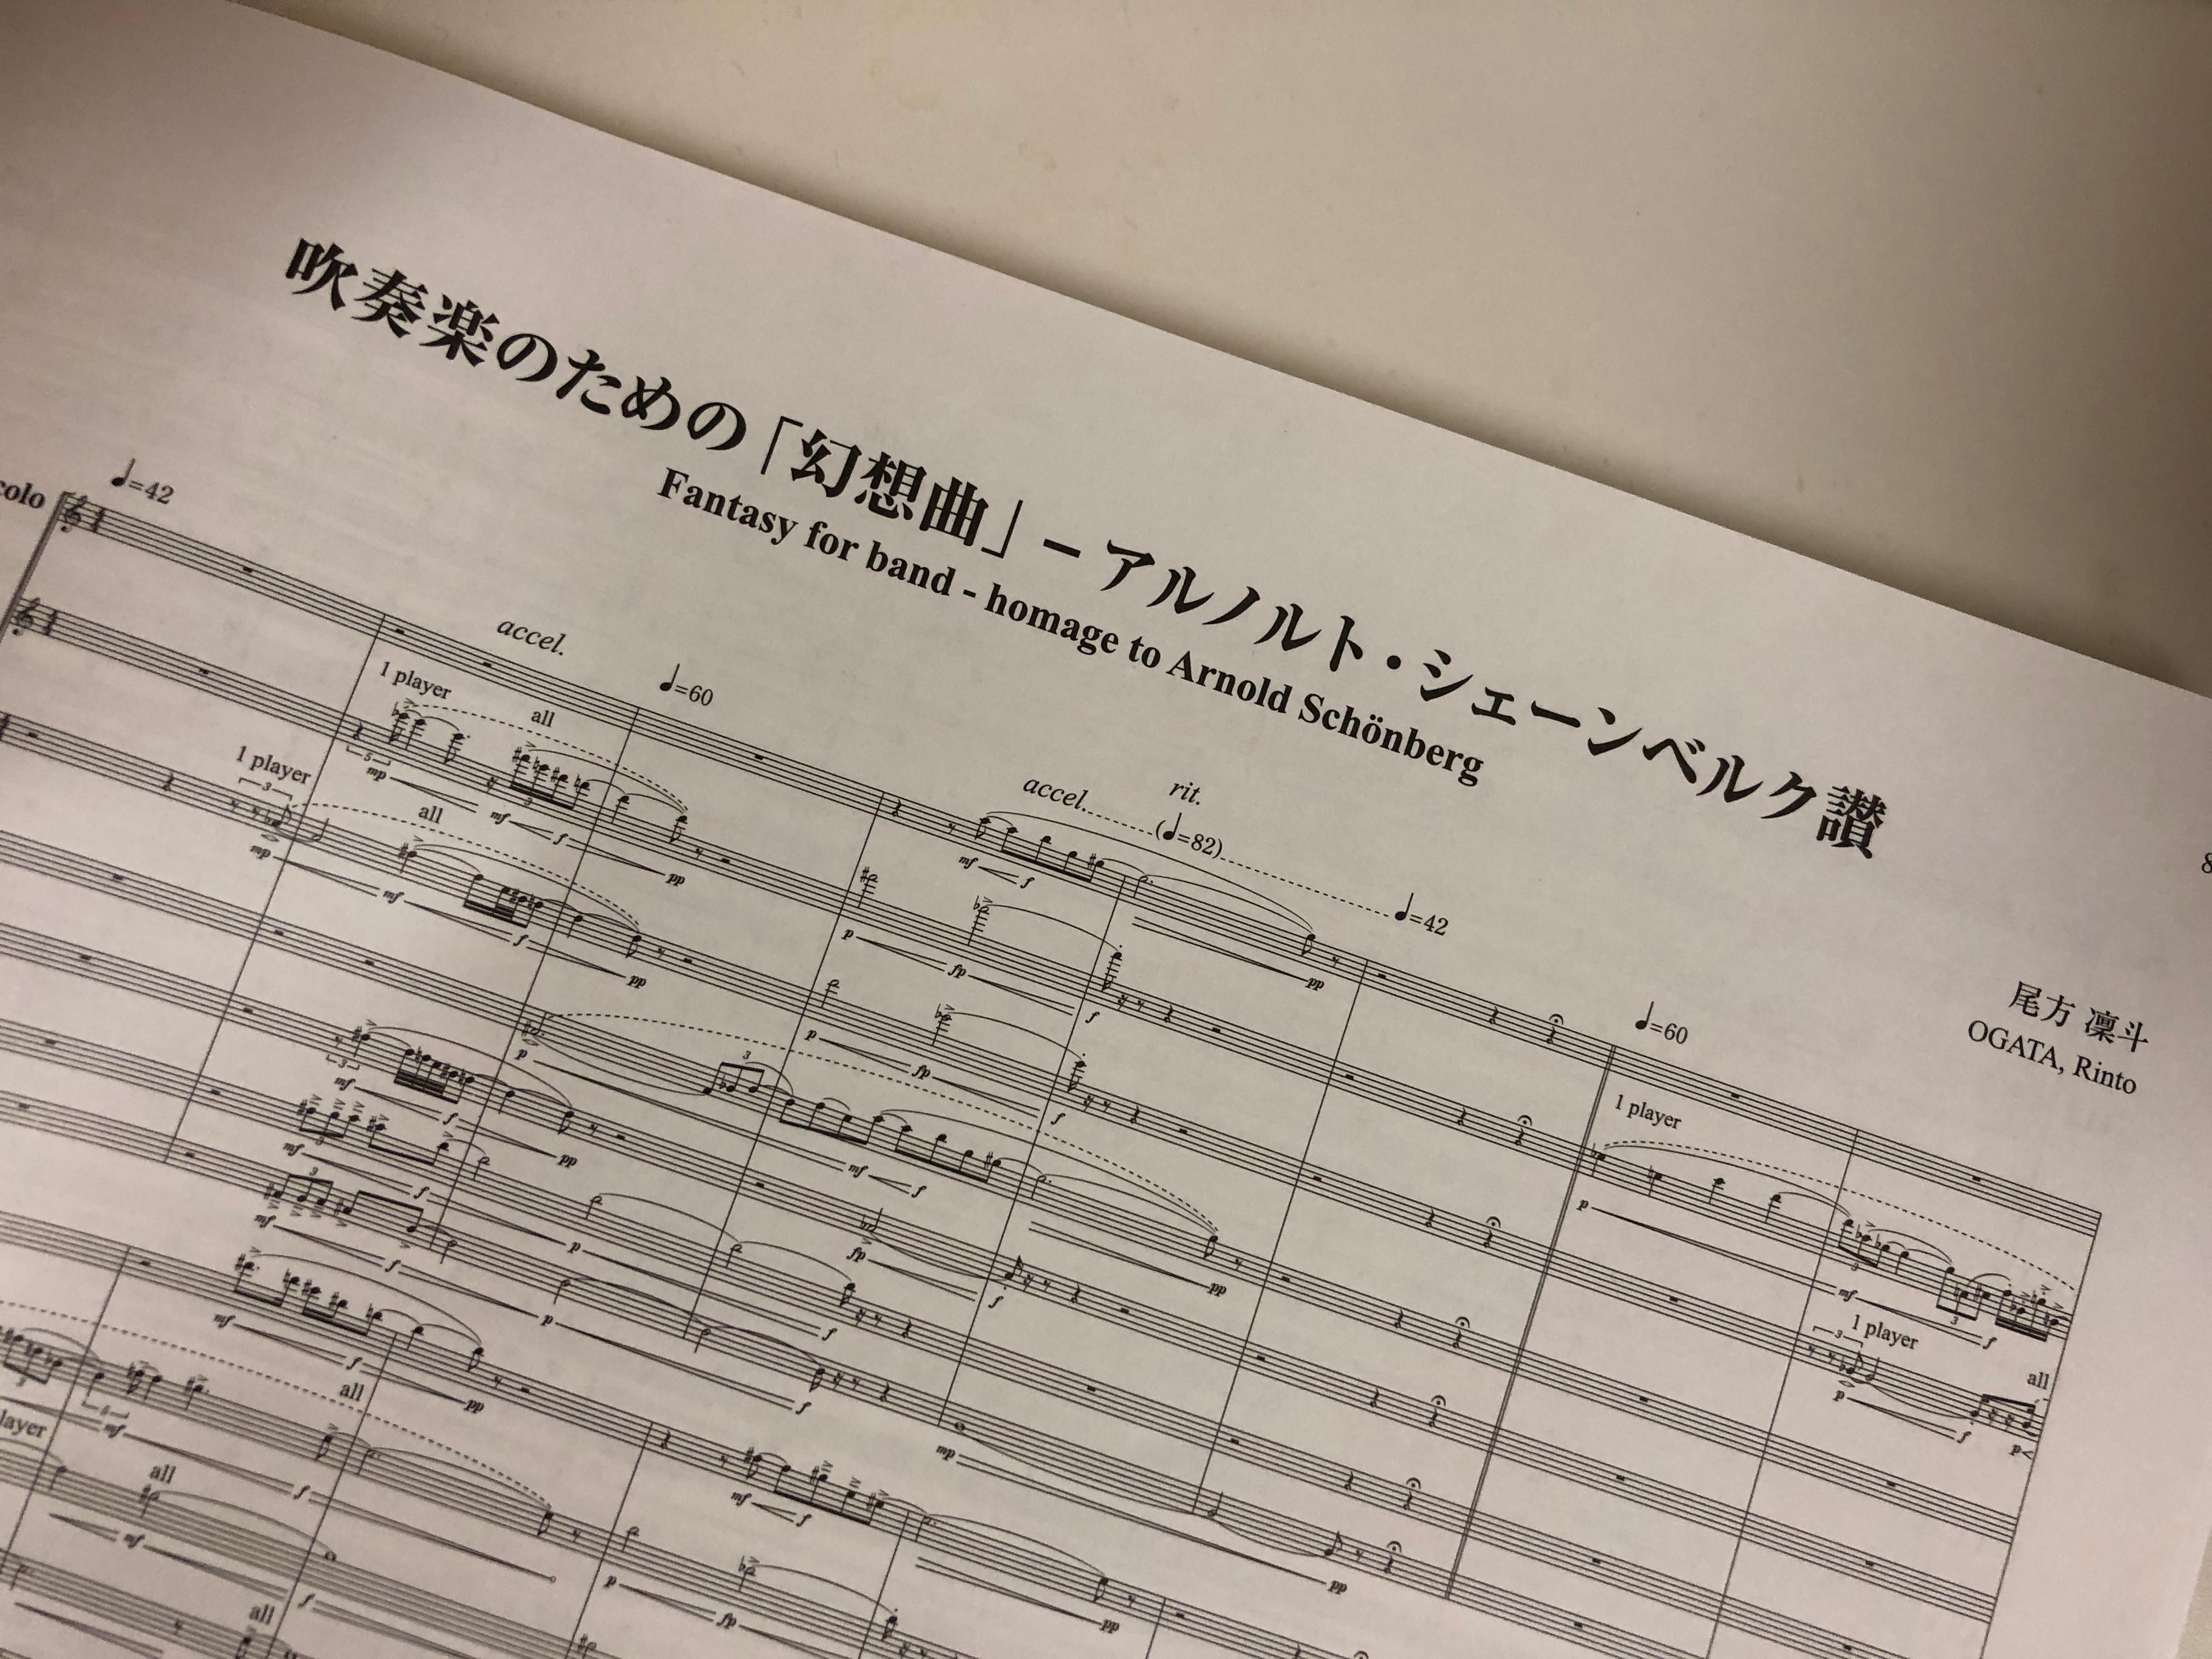 2020 吹奏楽 曲 コンクール 課題